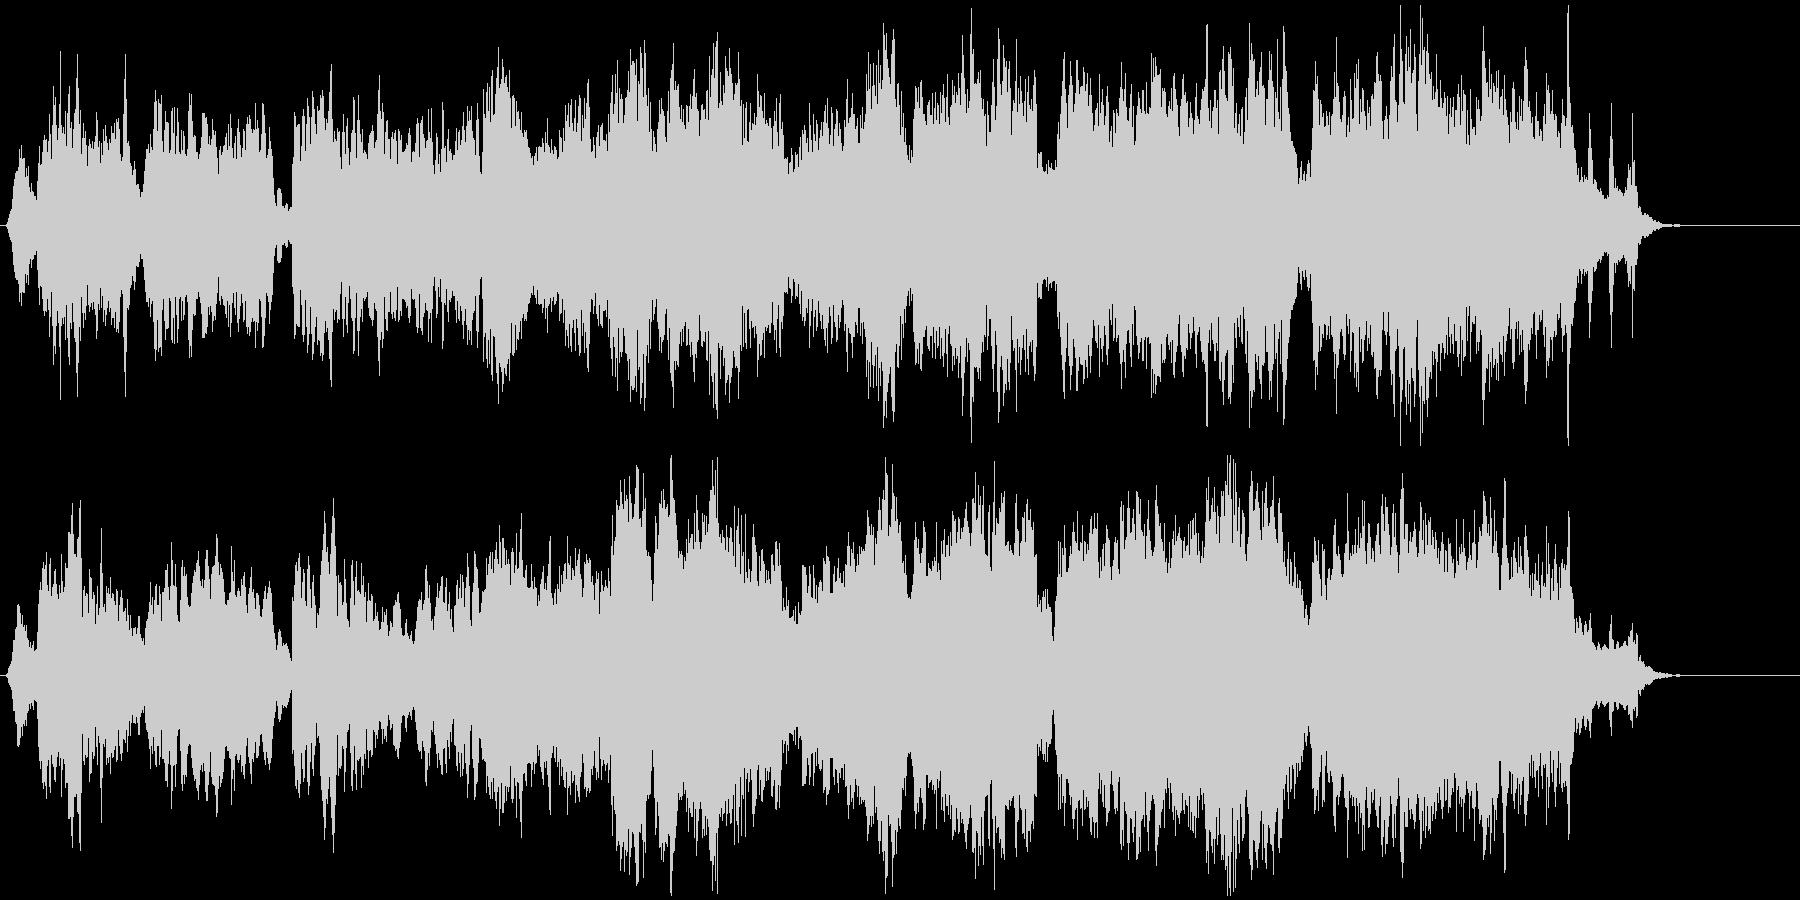 神秘的で謎めいたフャンタジーオーケストラの未再生の波形